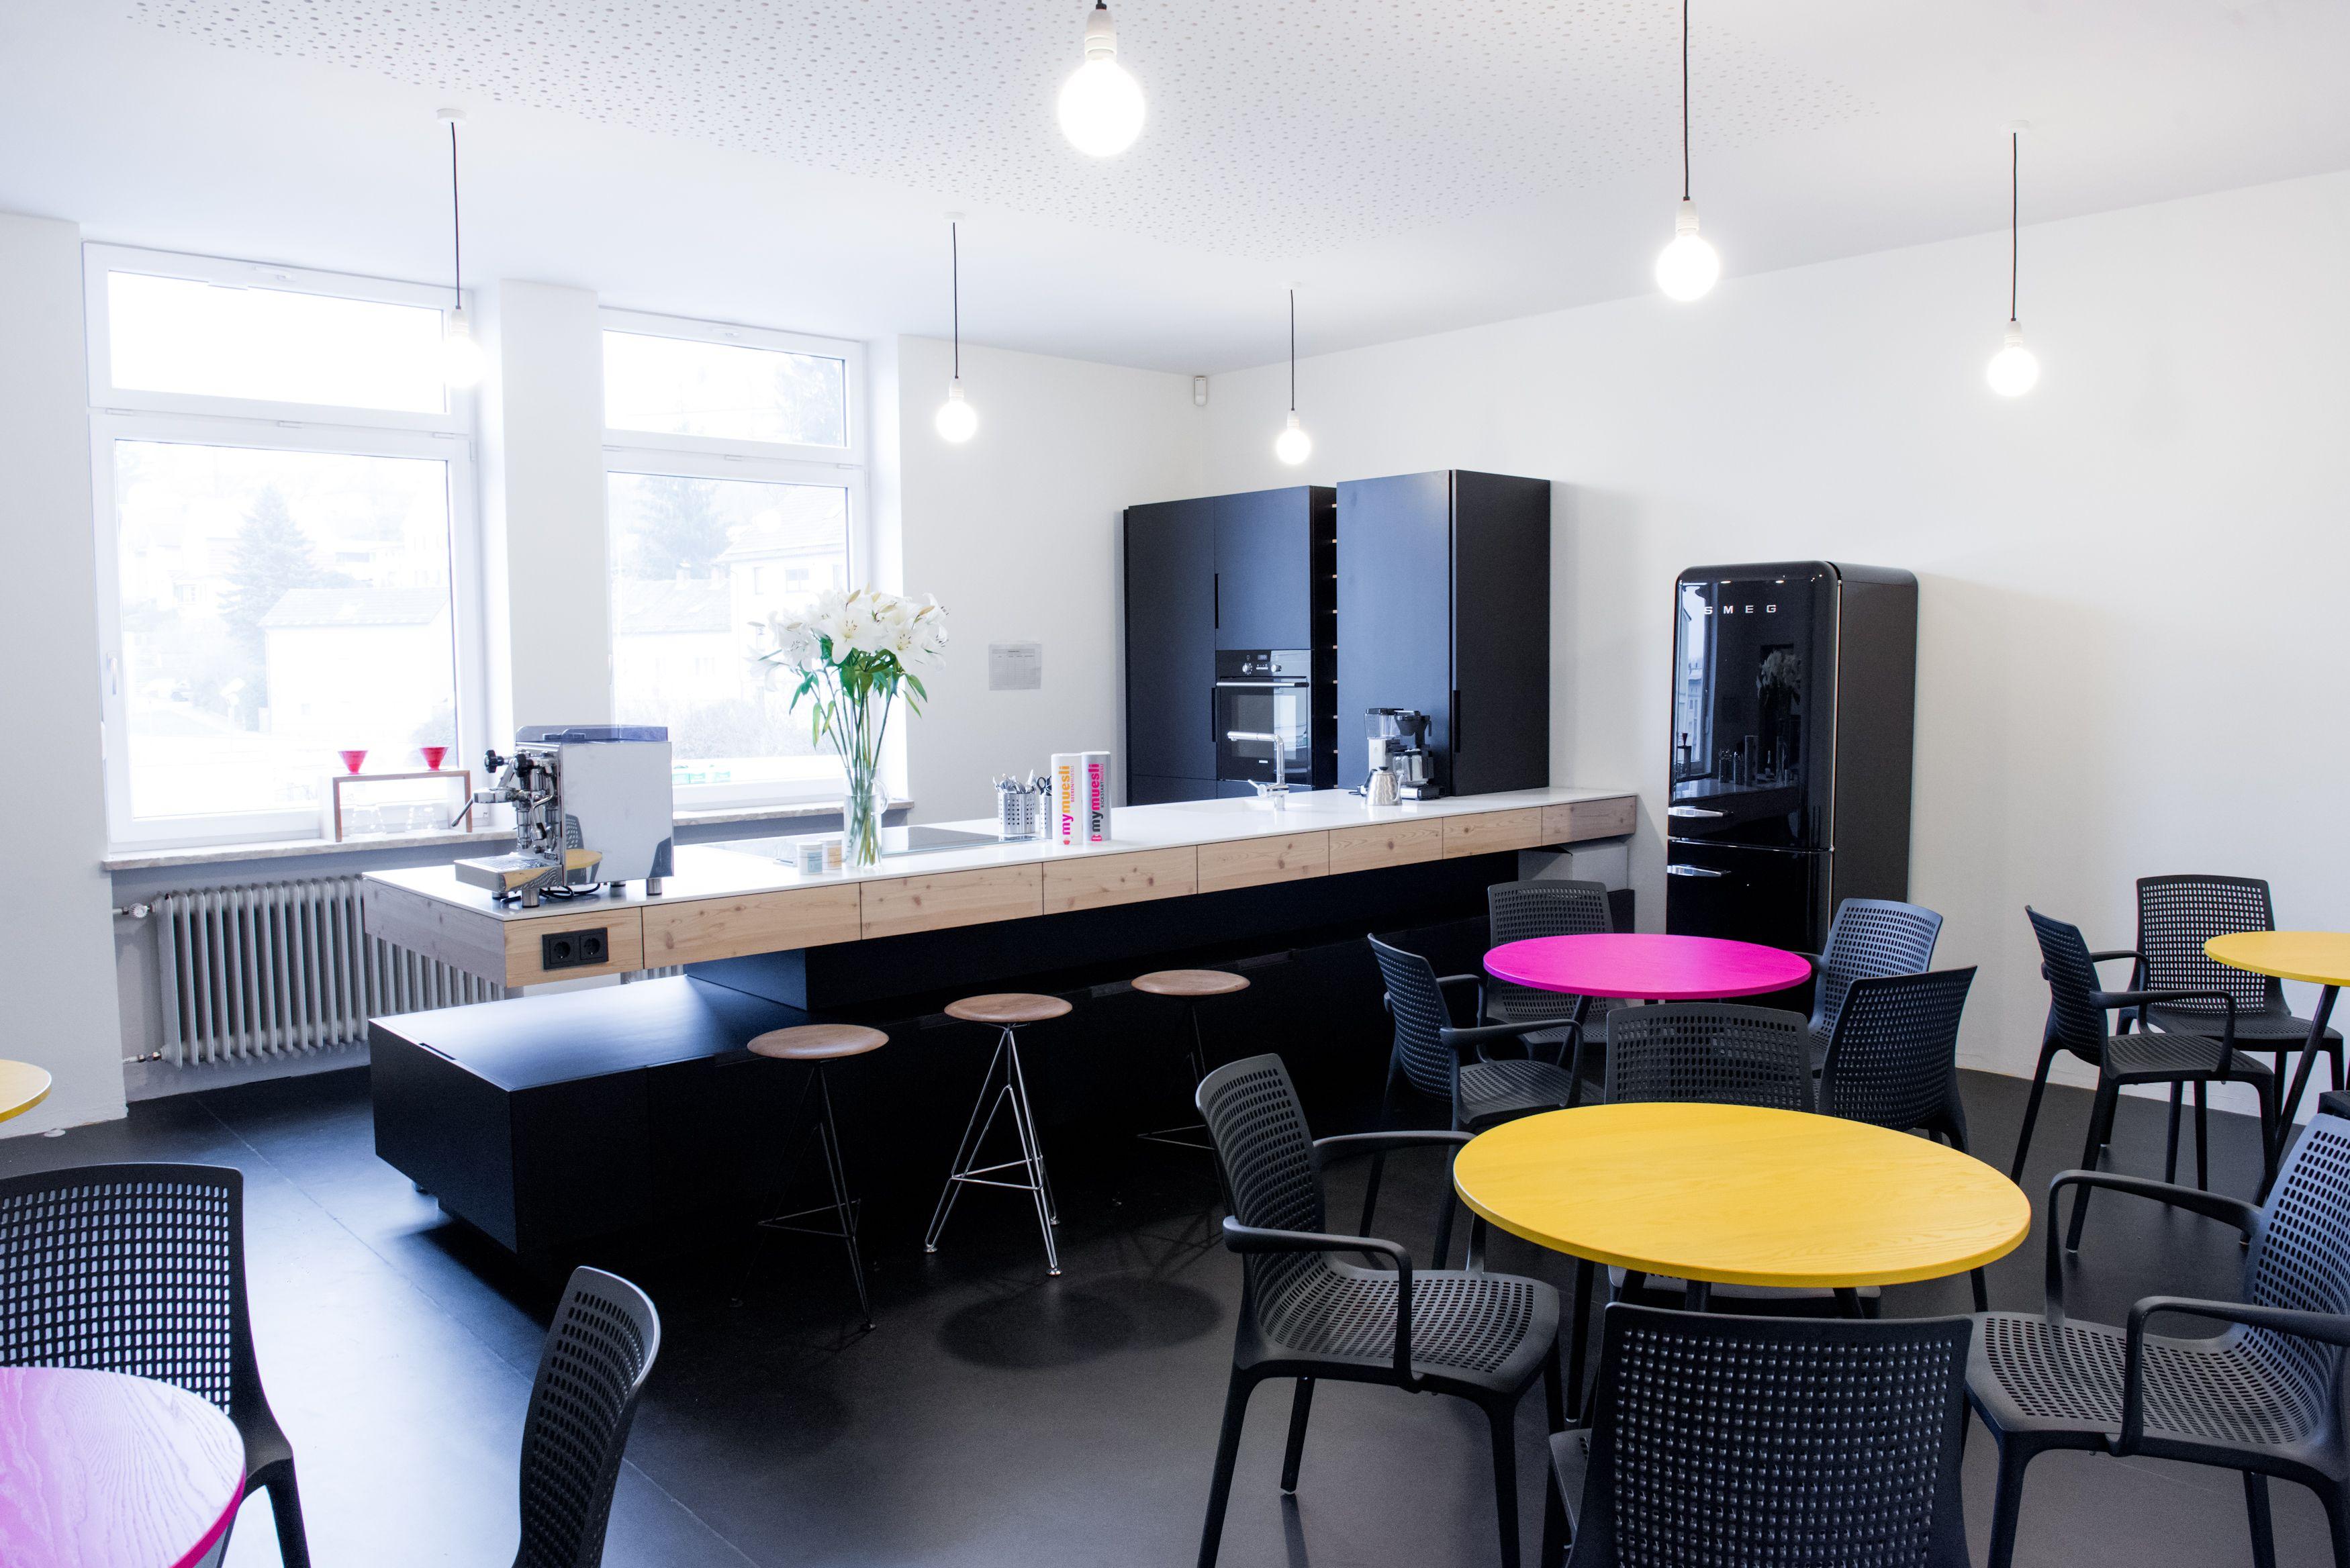 #office #kitchen in #Passau